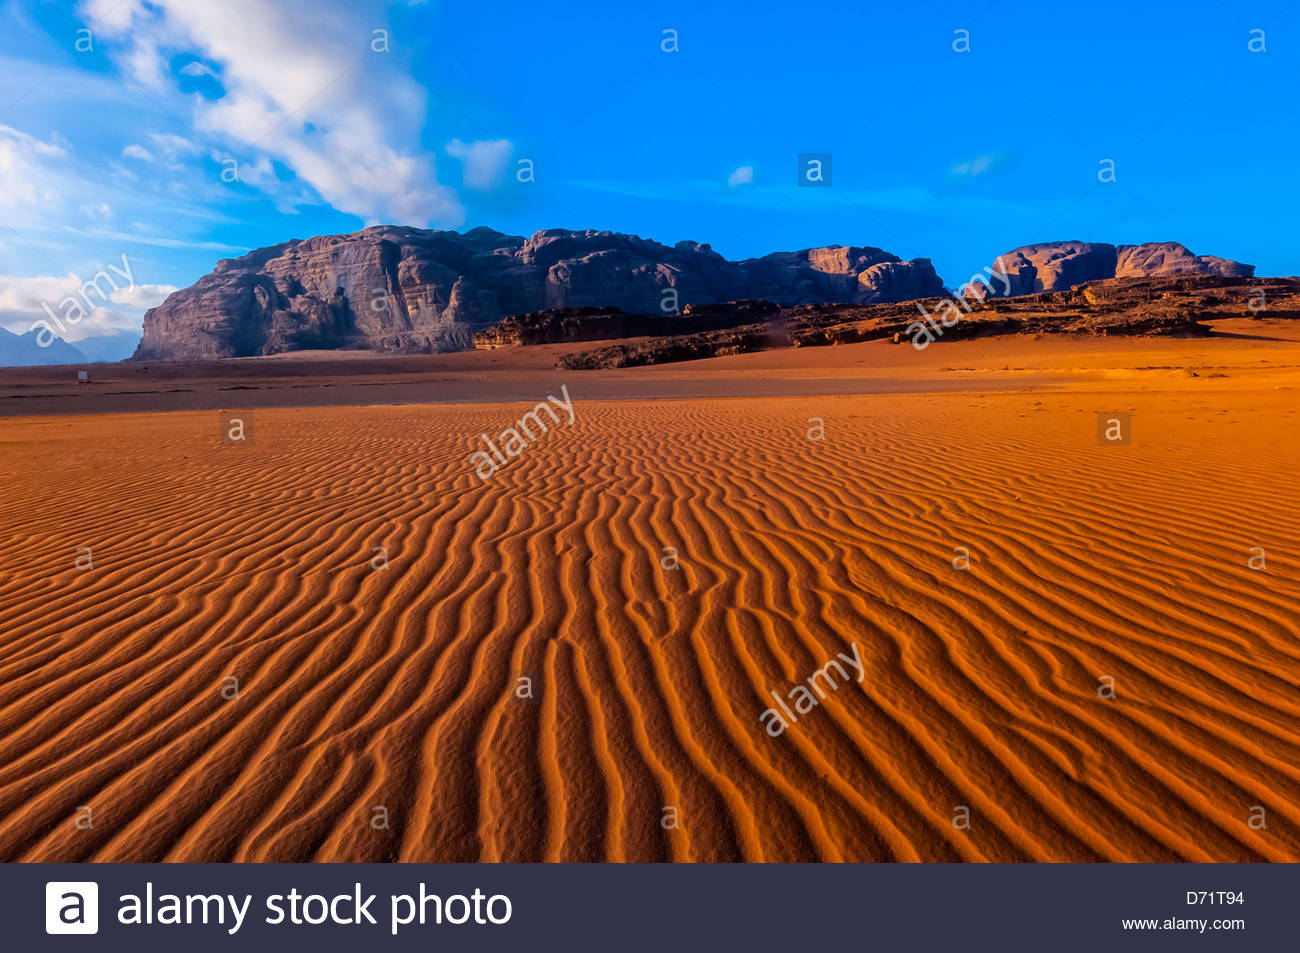 Arabische Wüste Wadi Rum, Jordanien. Stockfoto